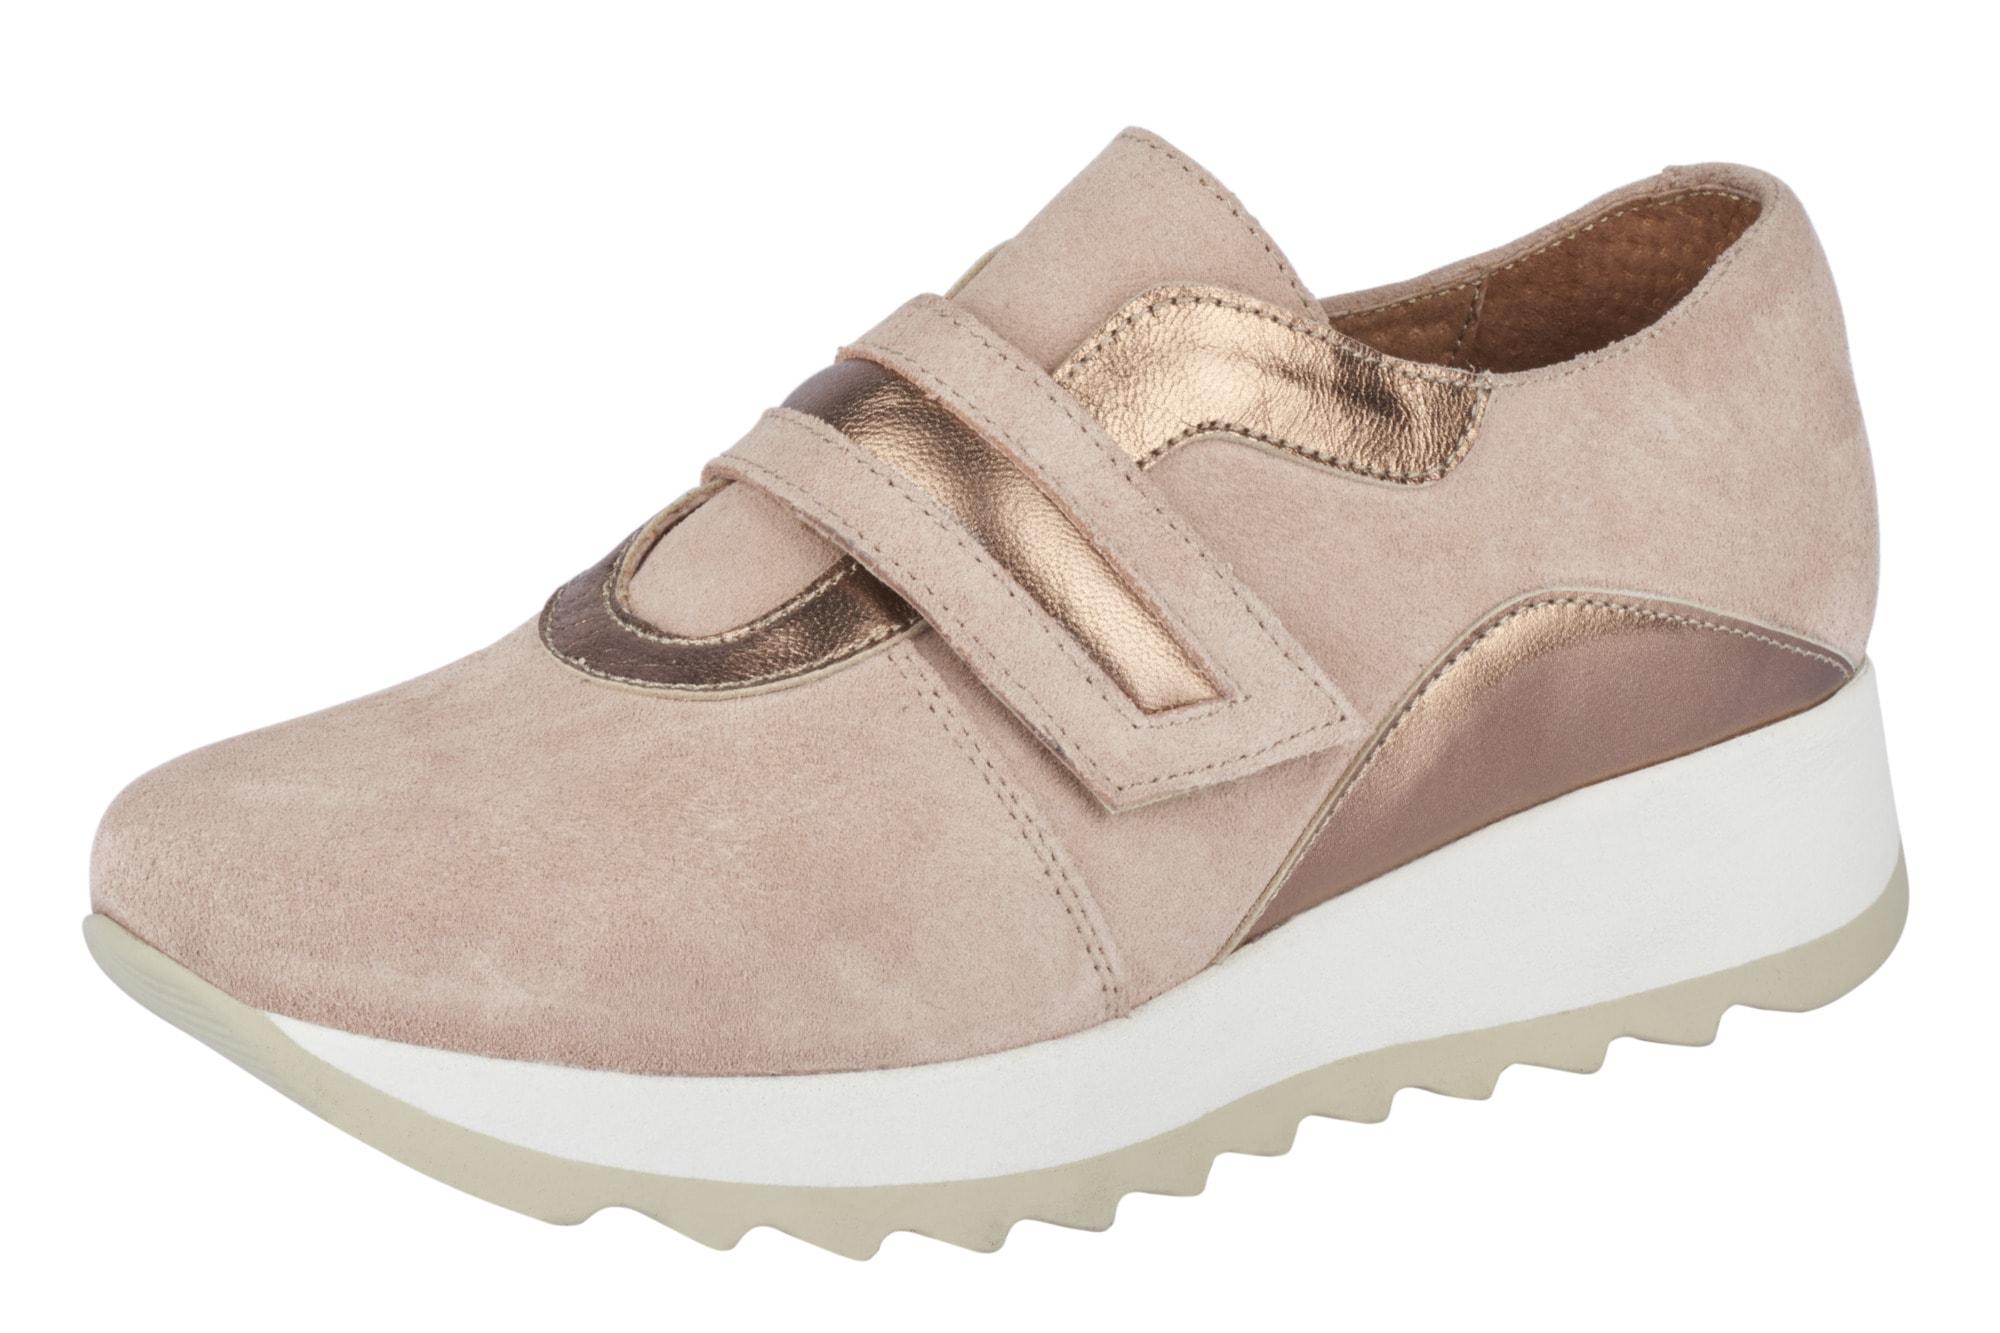 Heine Sneaker mit trendiger weißer Sohle